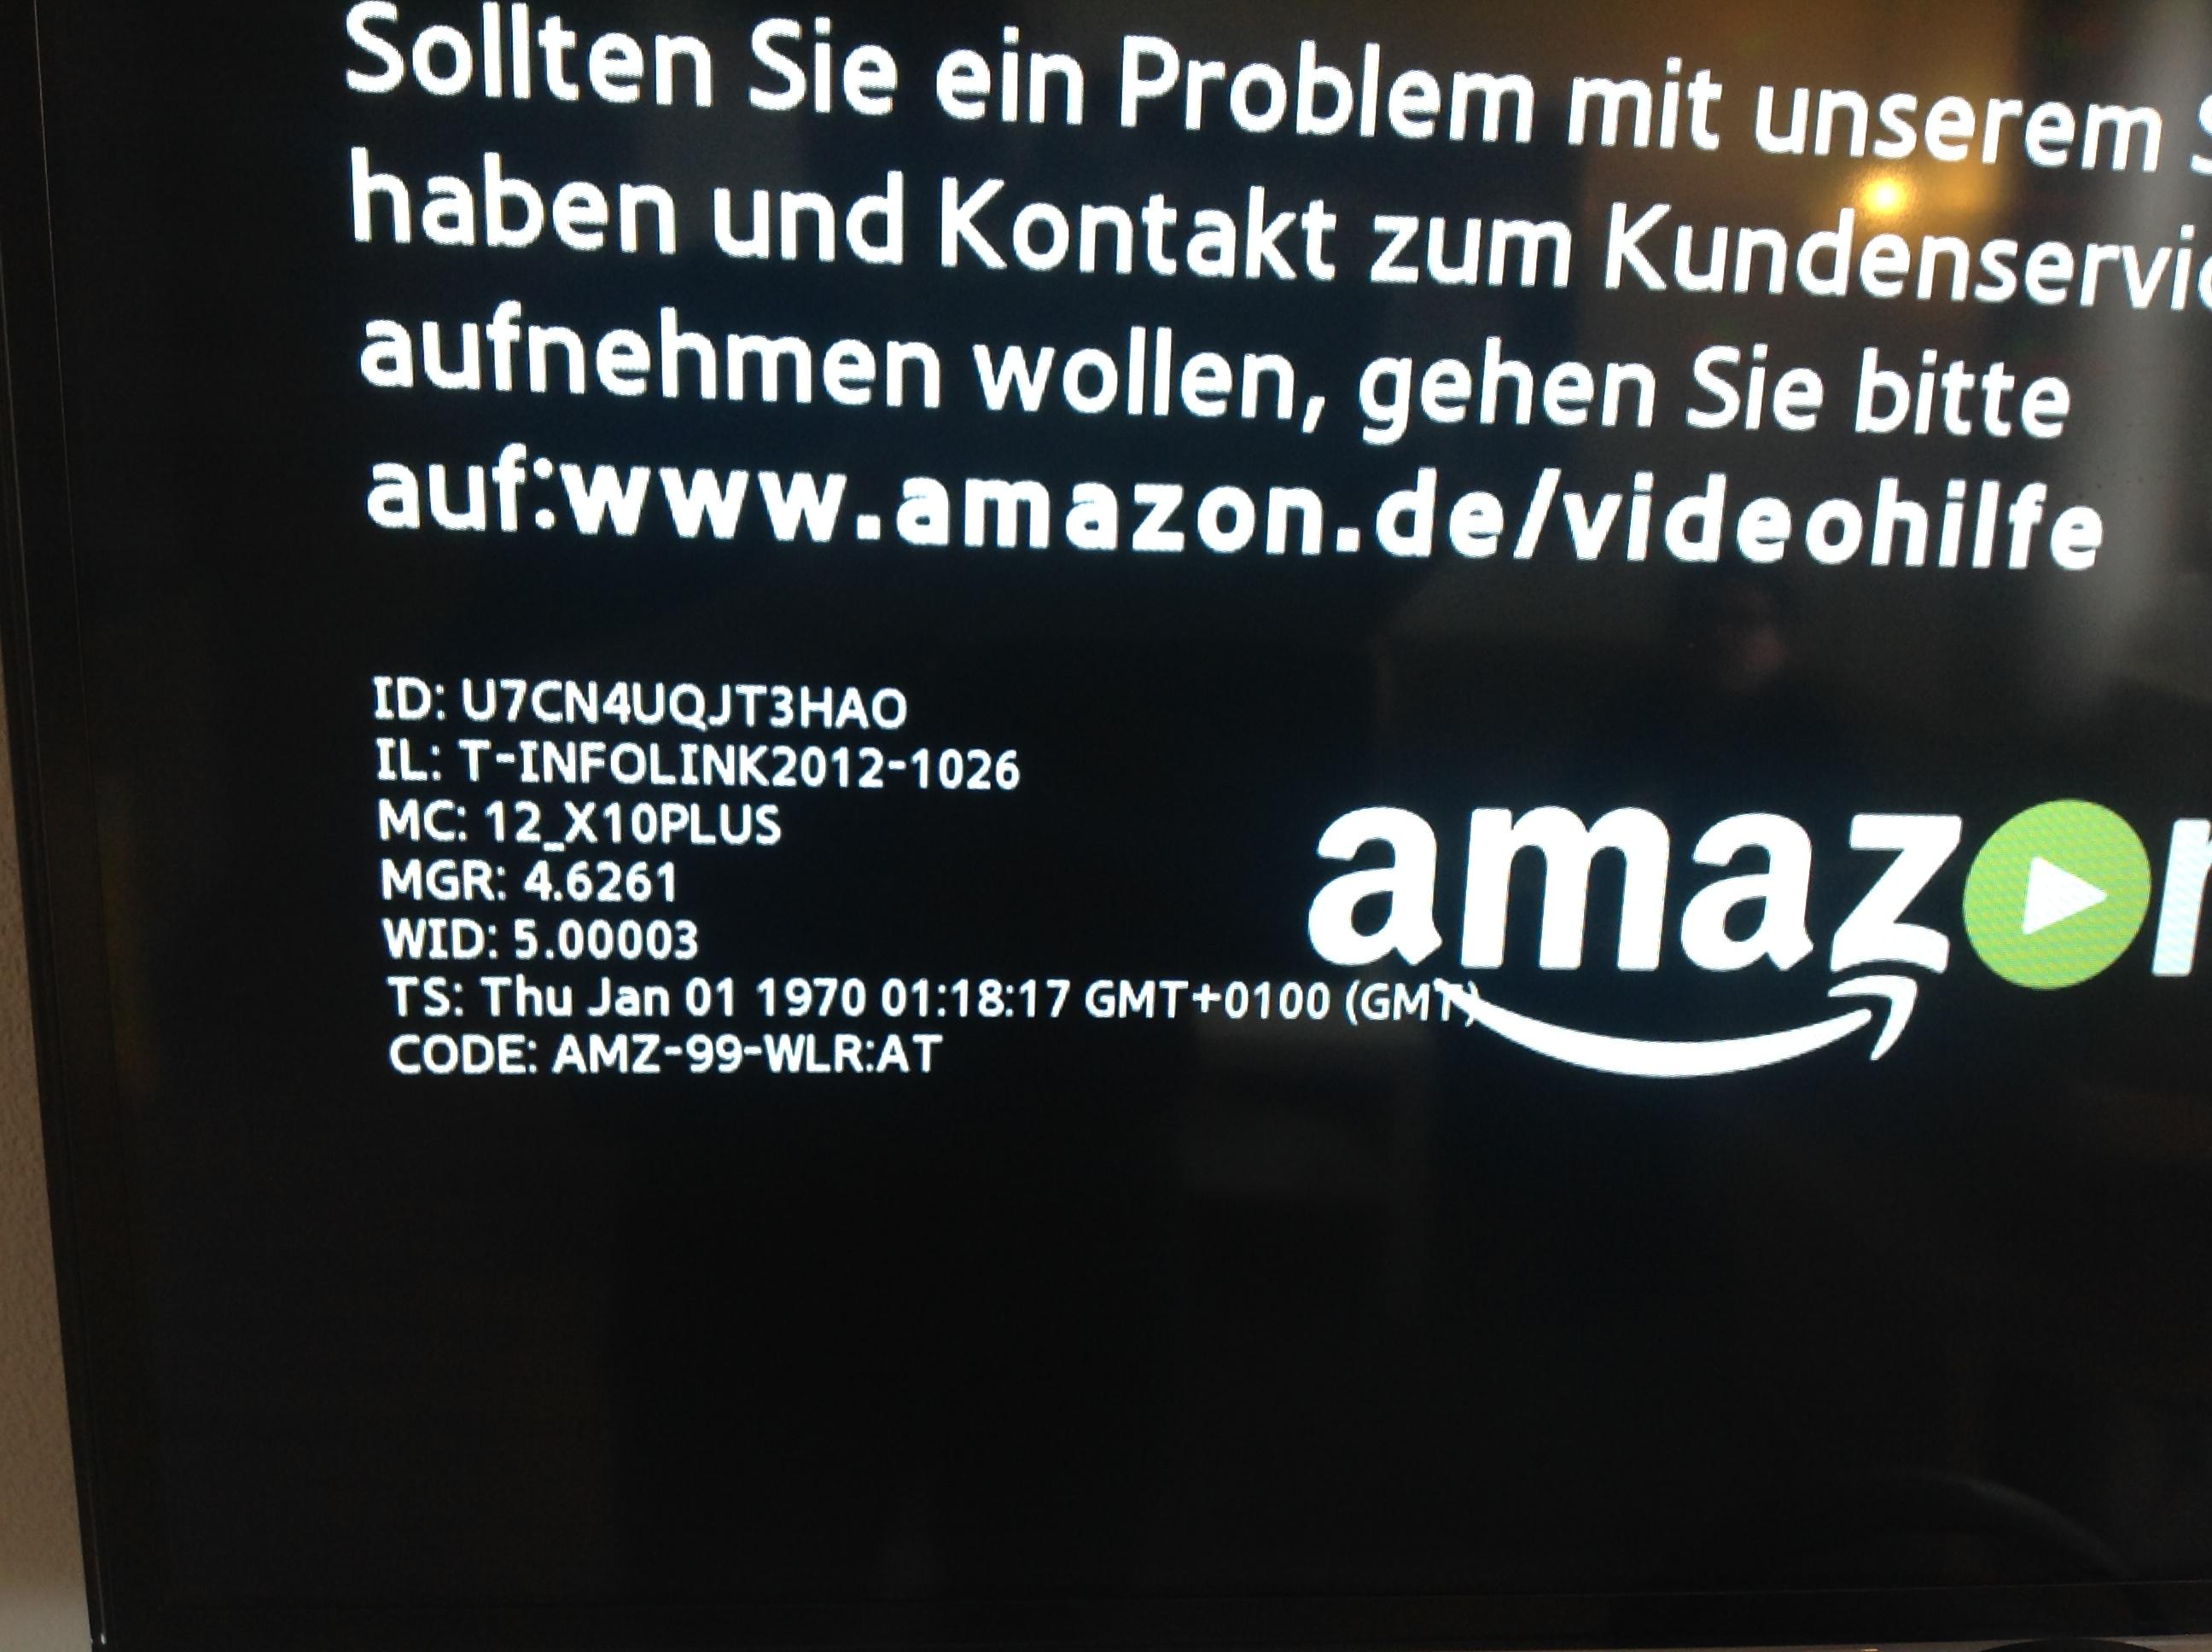 FuГџball Bei Amazon Prime